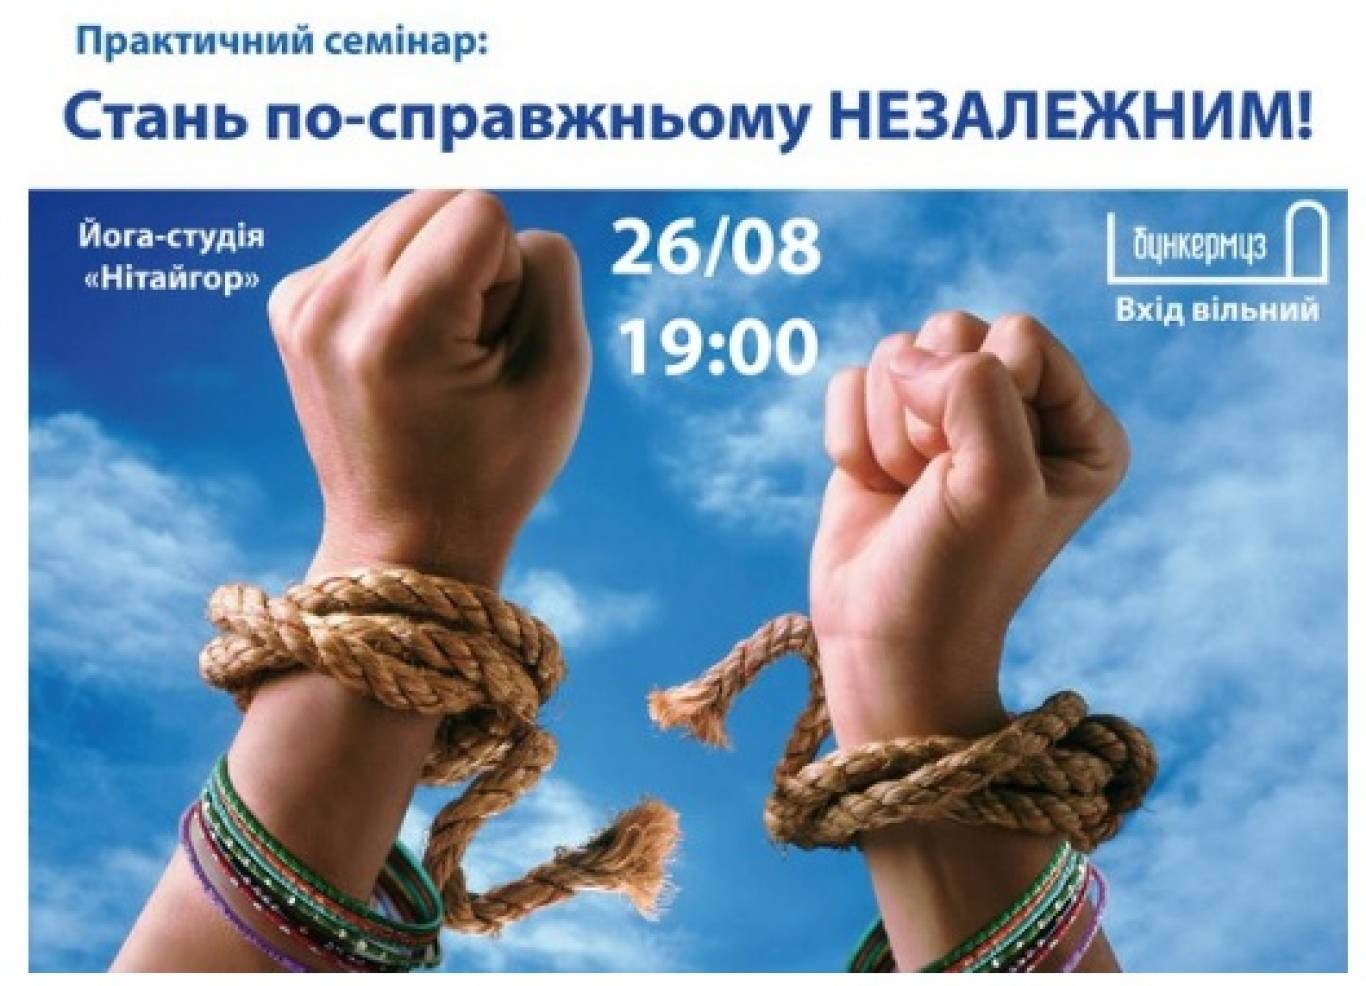 """Практичний семінар: """"Стань по-справжньому НЕЗАЛЕЖНИМ!!!"""" у Бункермузі"""